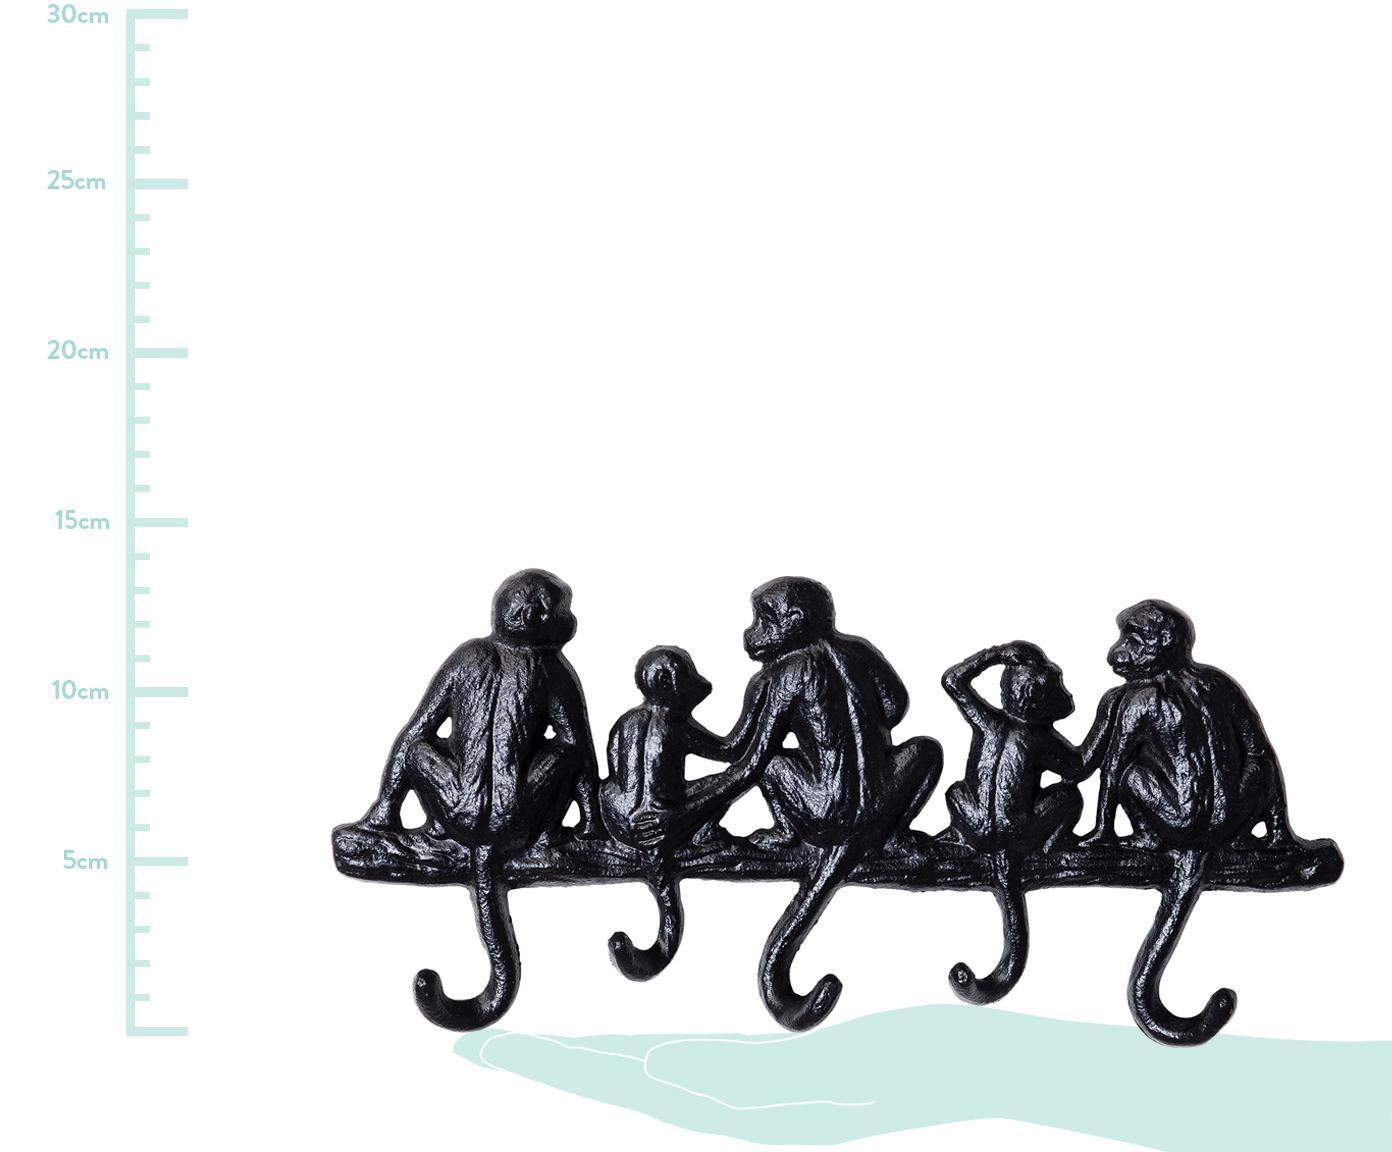 Kleine Wandgarderobe Monkey in Schwarz, Metall, pulverbeschichtet, Schwarz, 31 x 14 cm